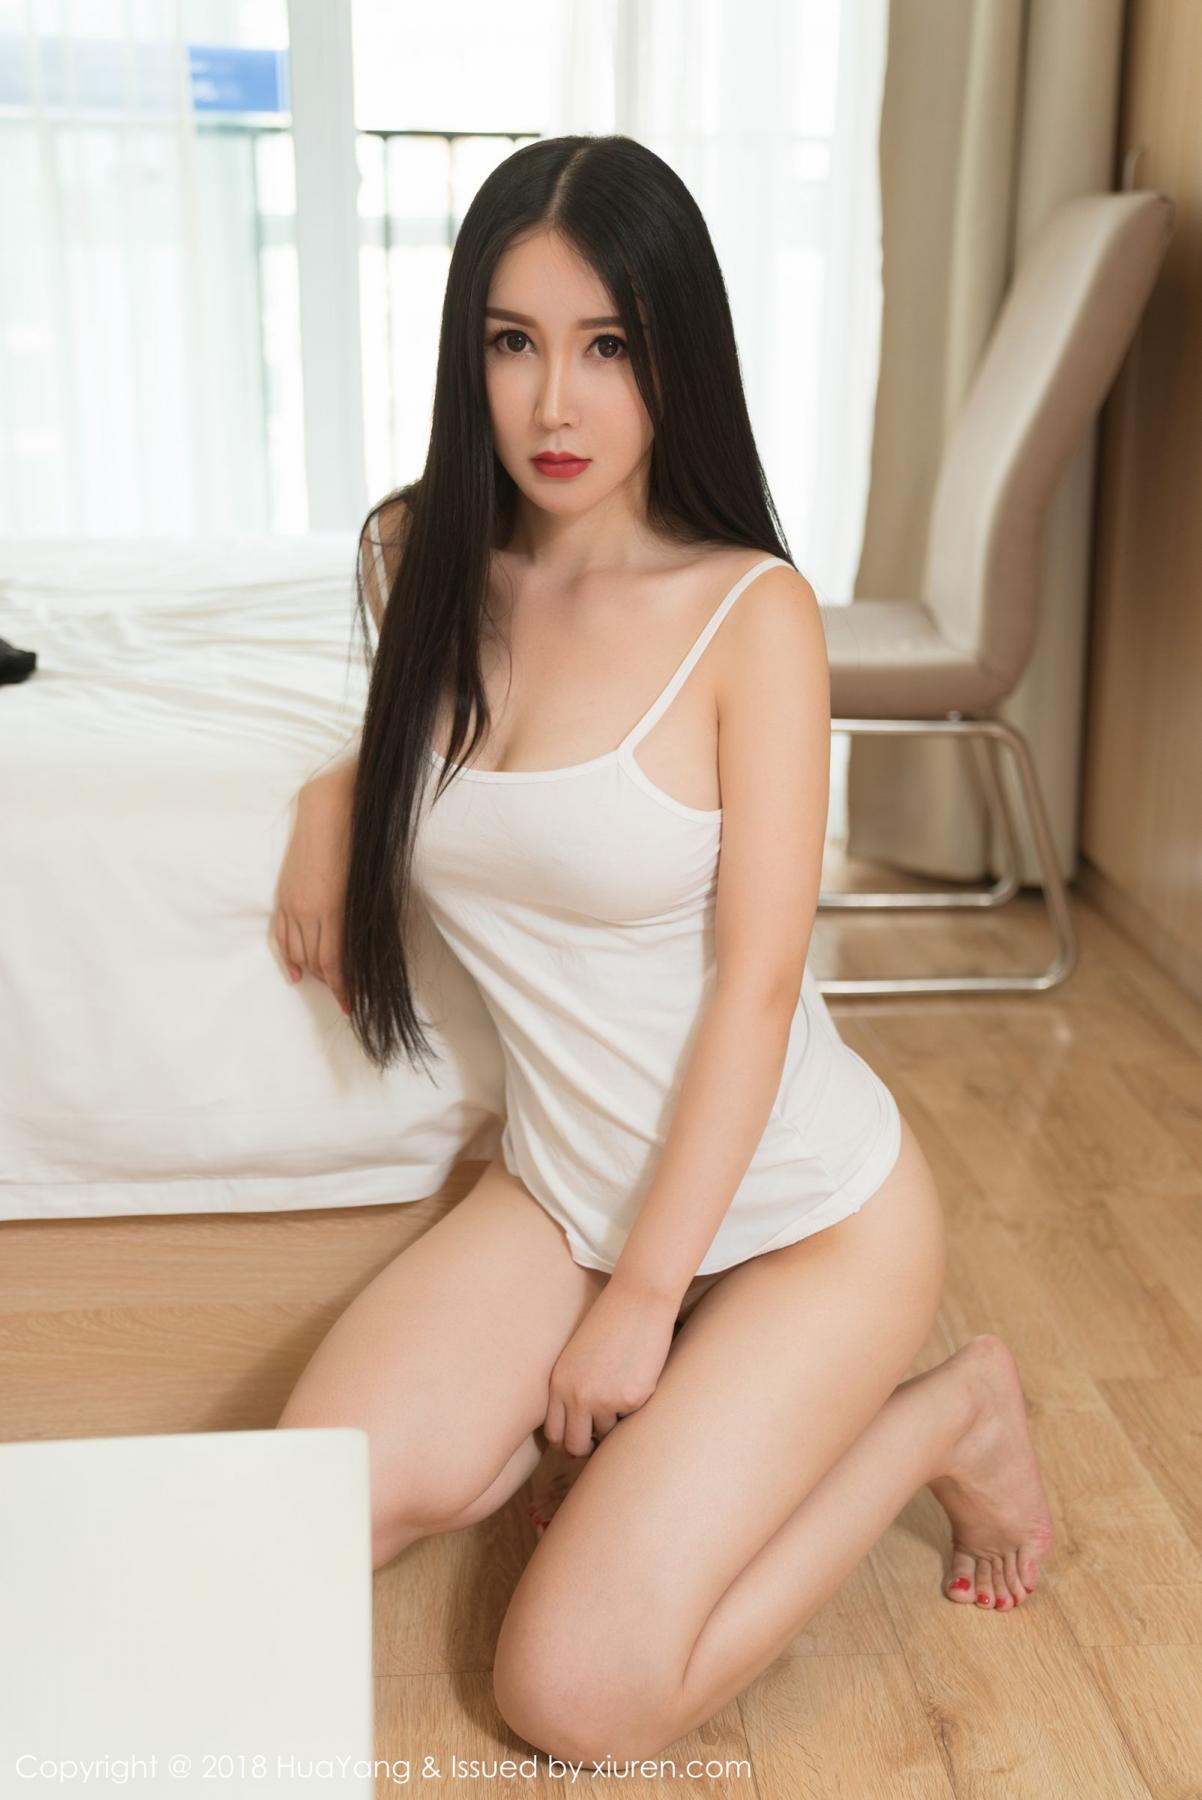 [Huayang] Vol.100 Ke Le Vicky 10P, Huang Le Ran, HuaYang